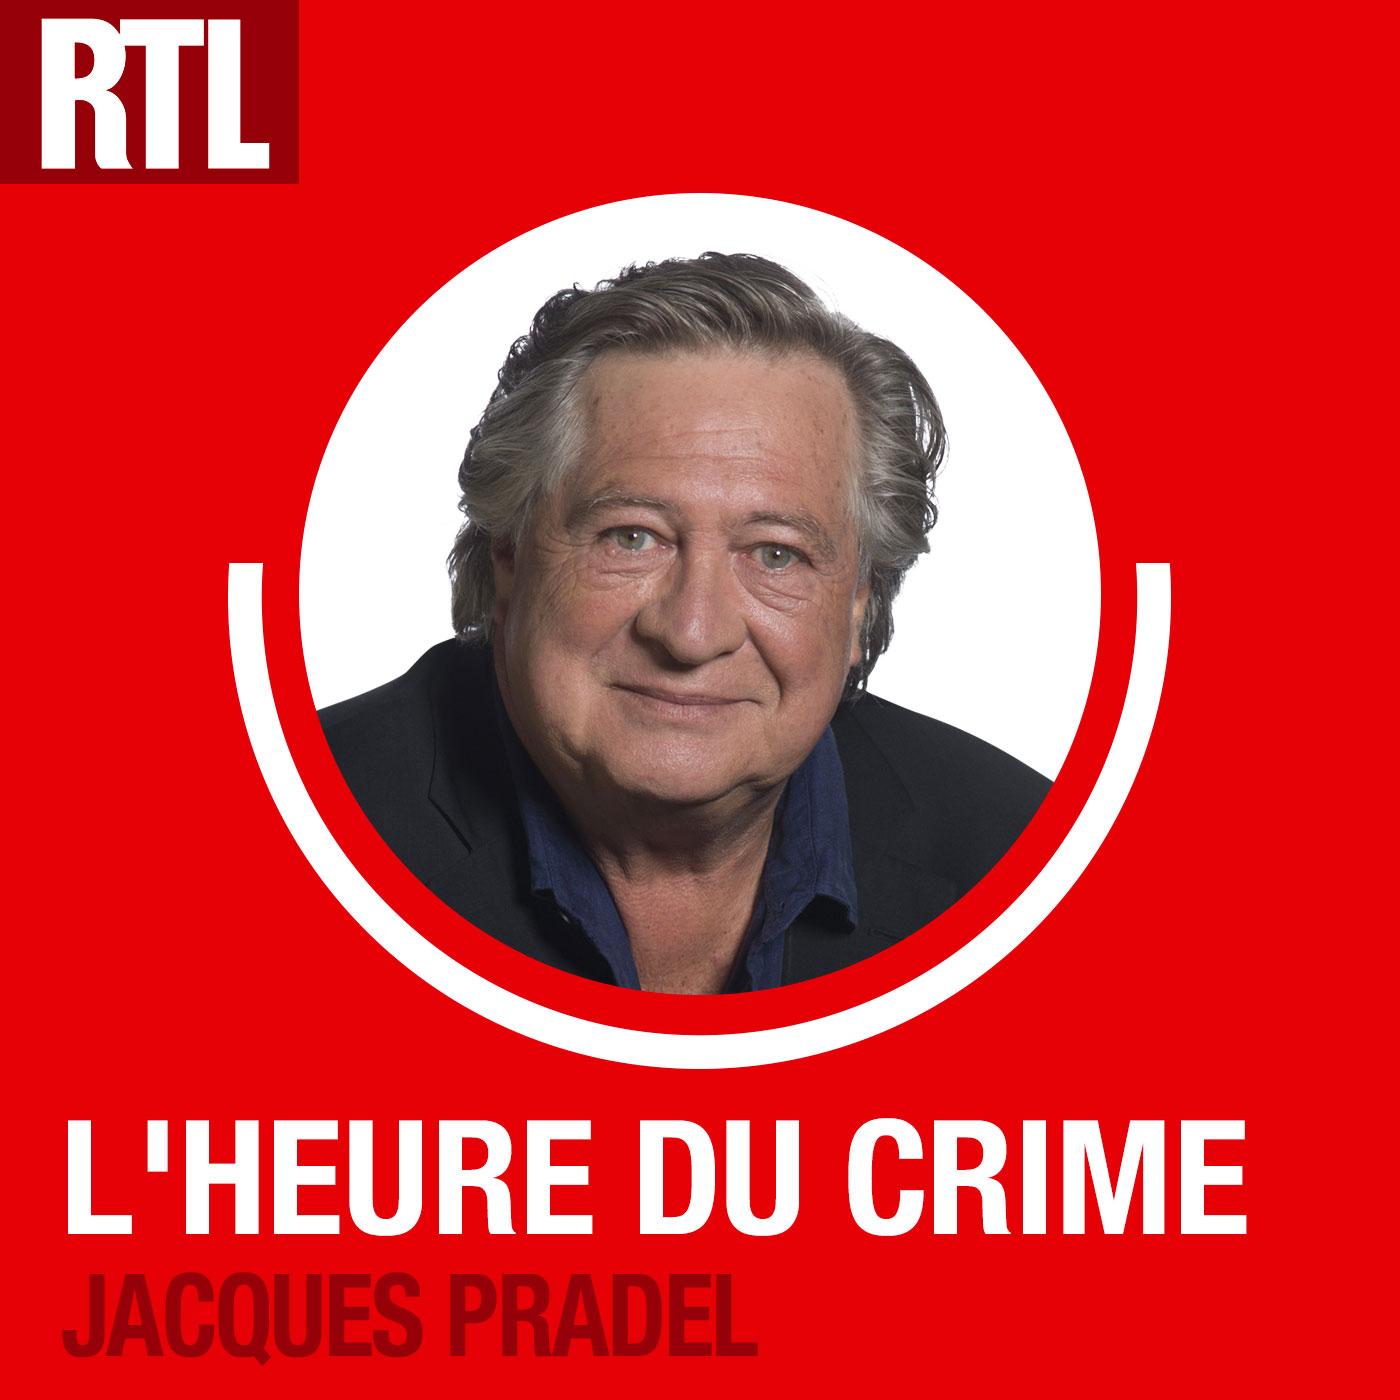 Top 10 podcasts L'atelier Azimuté - L'heure du crime